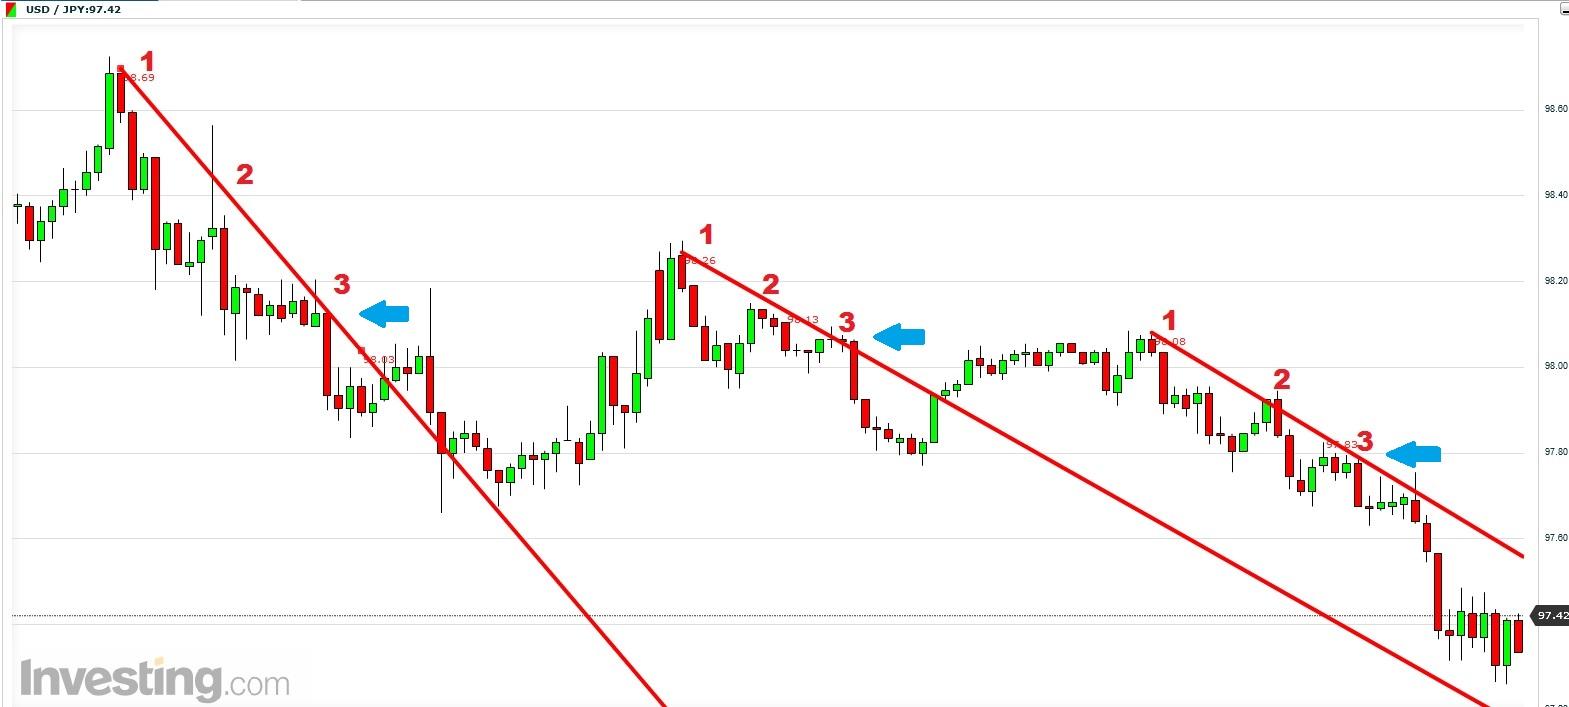 Online trading basics india pdf